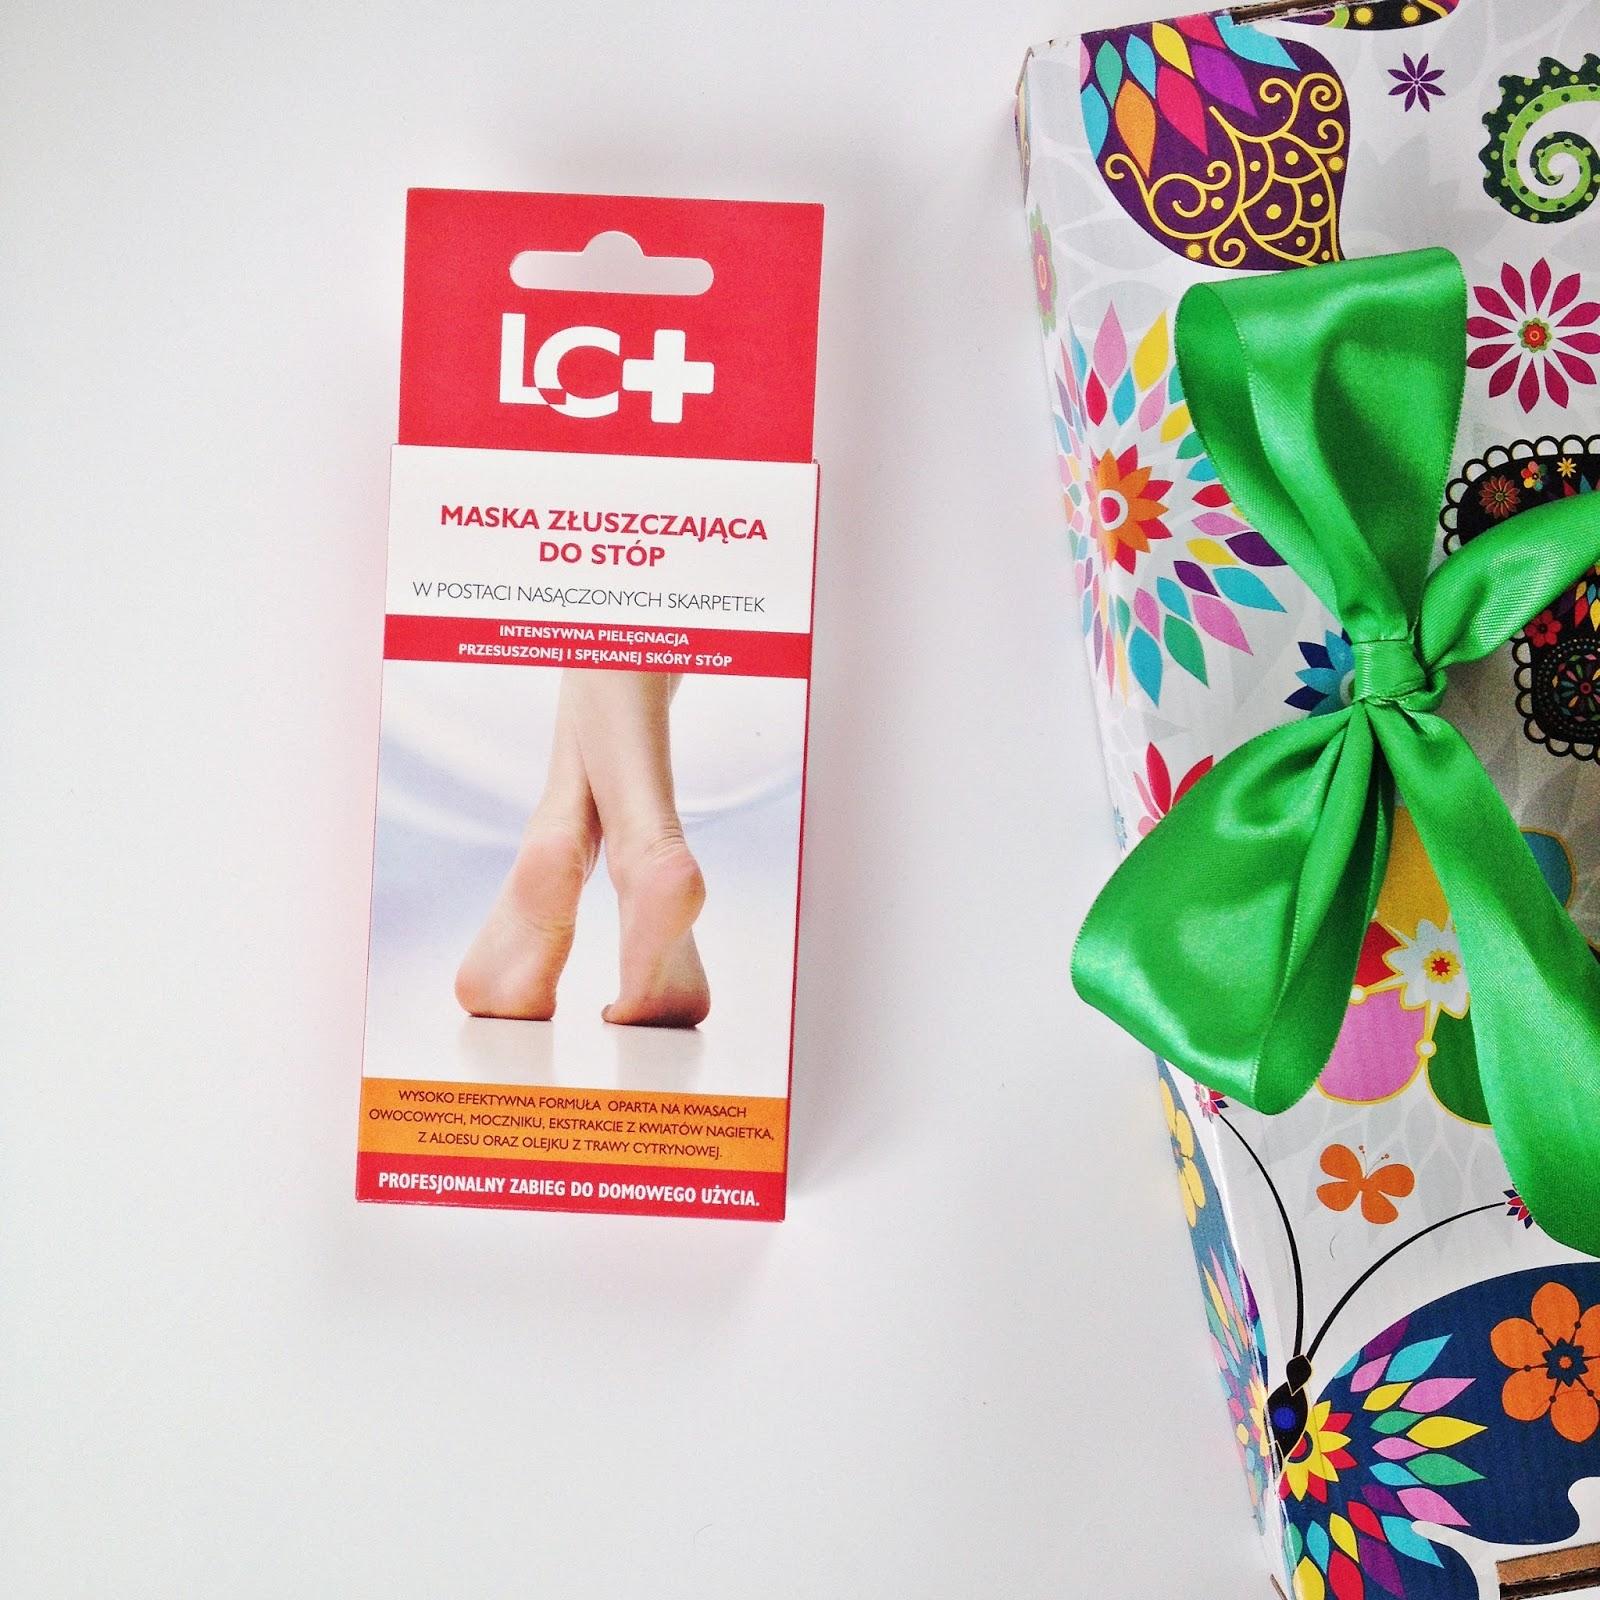 LC+ Maska złuszczająca do stóp